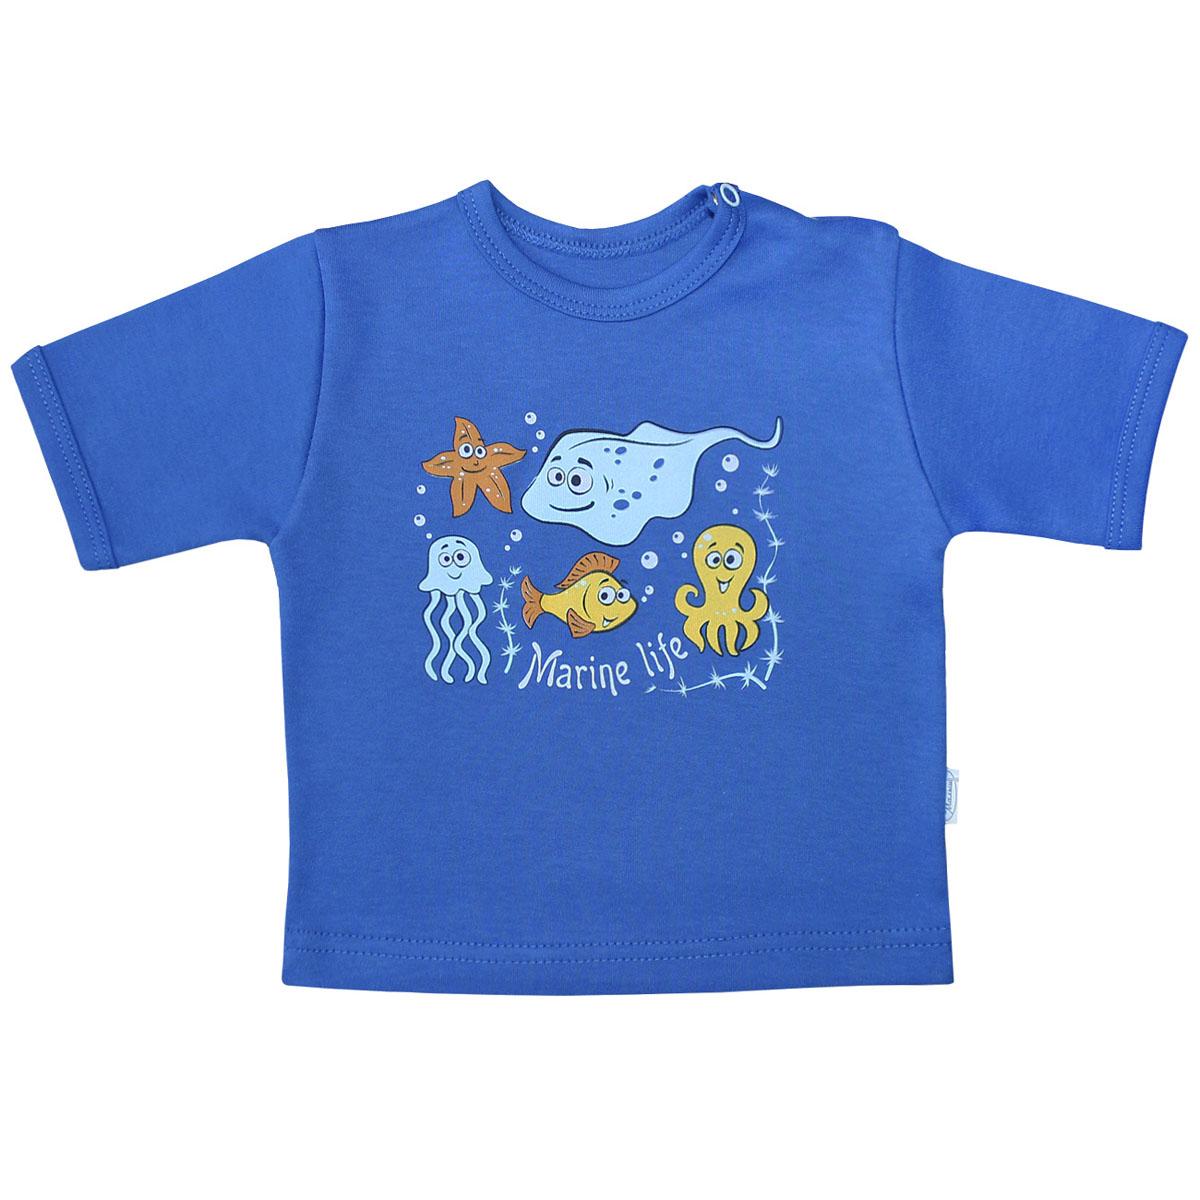 Футболка для мальчика Веселый малыш Морская жизнь, цвет: синий. 67322/мж-C (1). Размер 68 веселый малыш футболка для мальчика веселый малыш